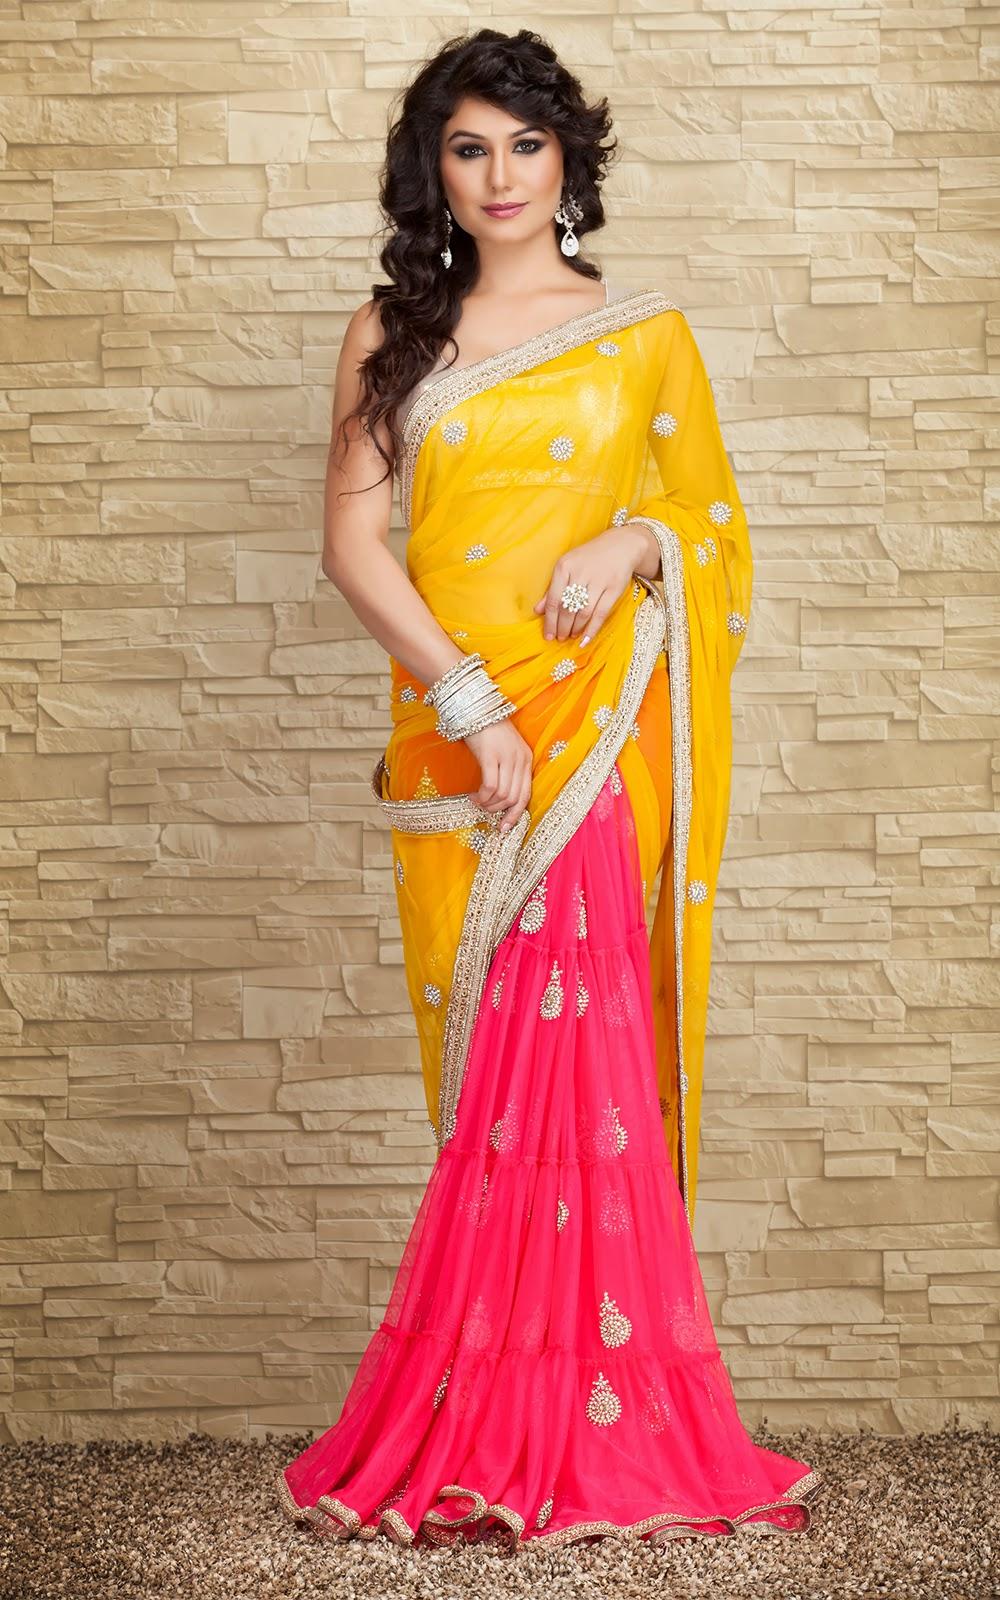 Indian wedding sarees 2013 latest fashion for Designer com